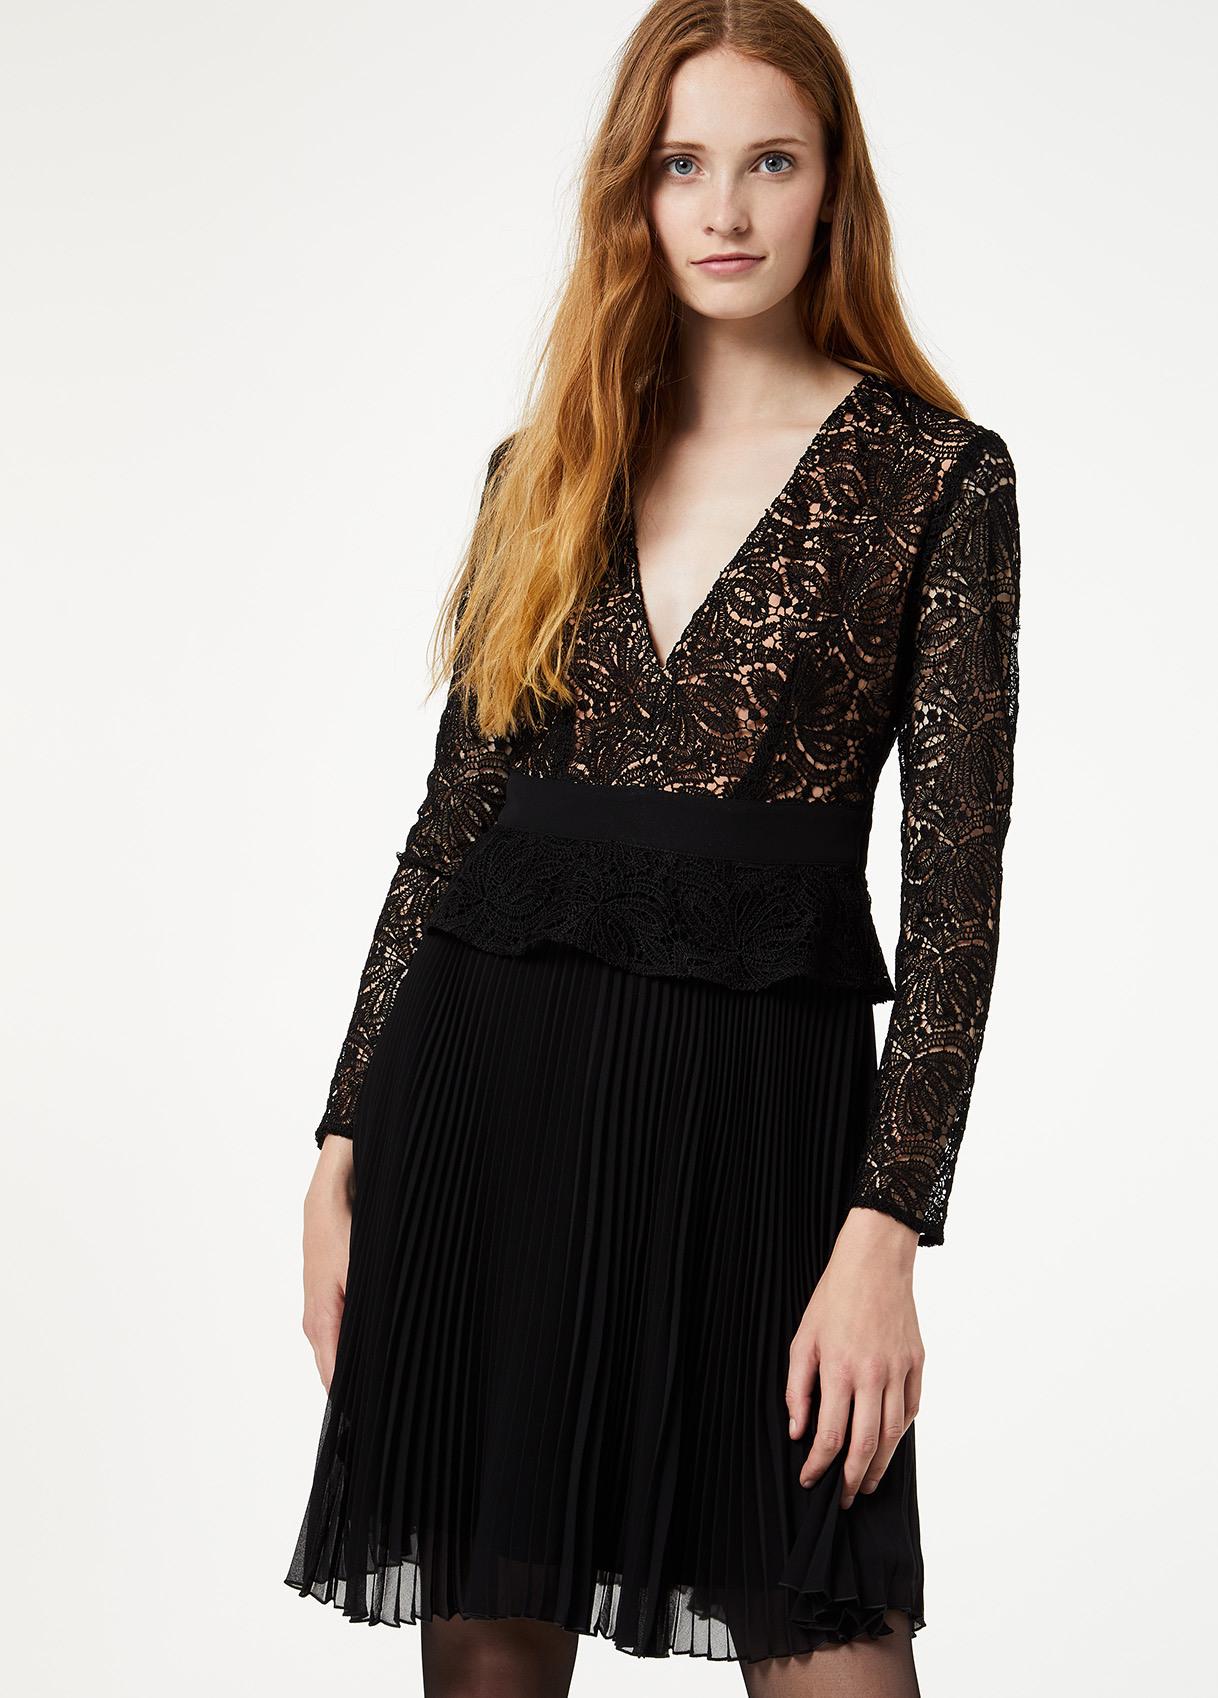 Großartig Kurzes Kleid Mit Spitze VertriebFormal Perfekt Kurzes Kleid Mit Spitze Vertrieb